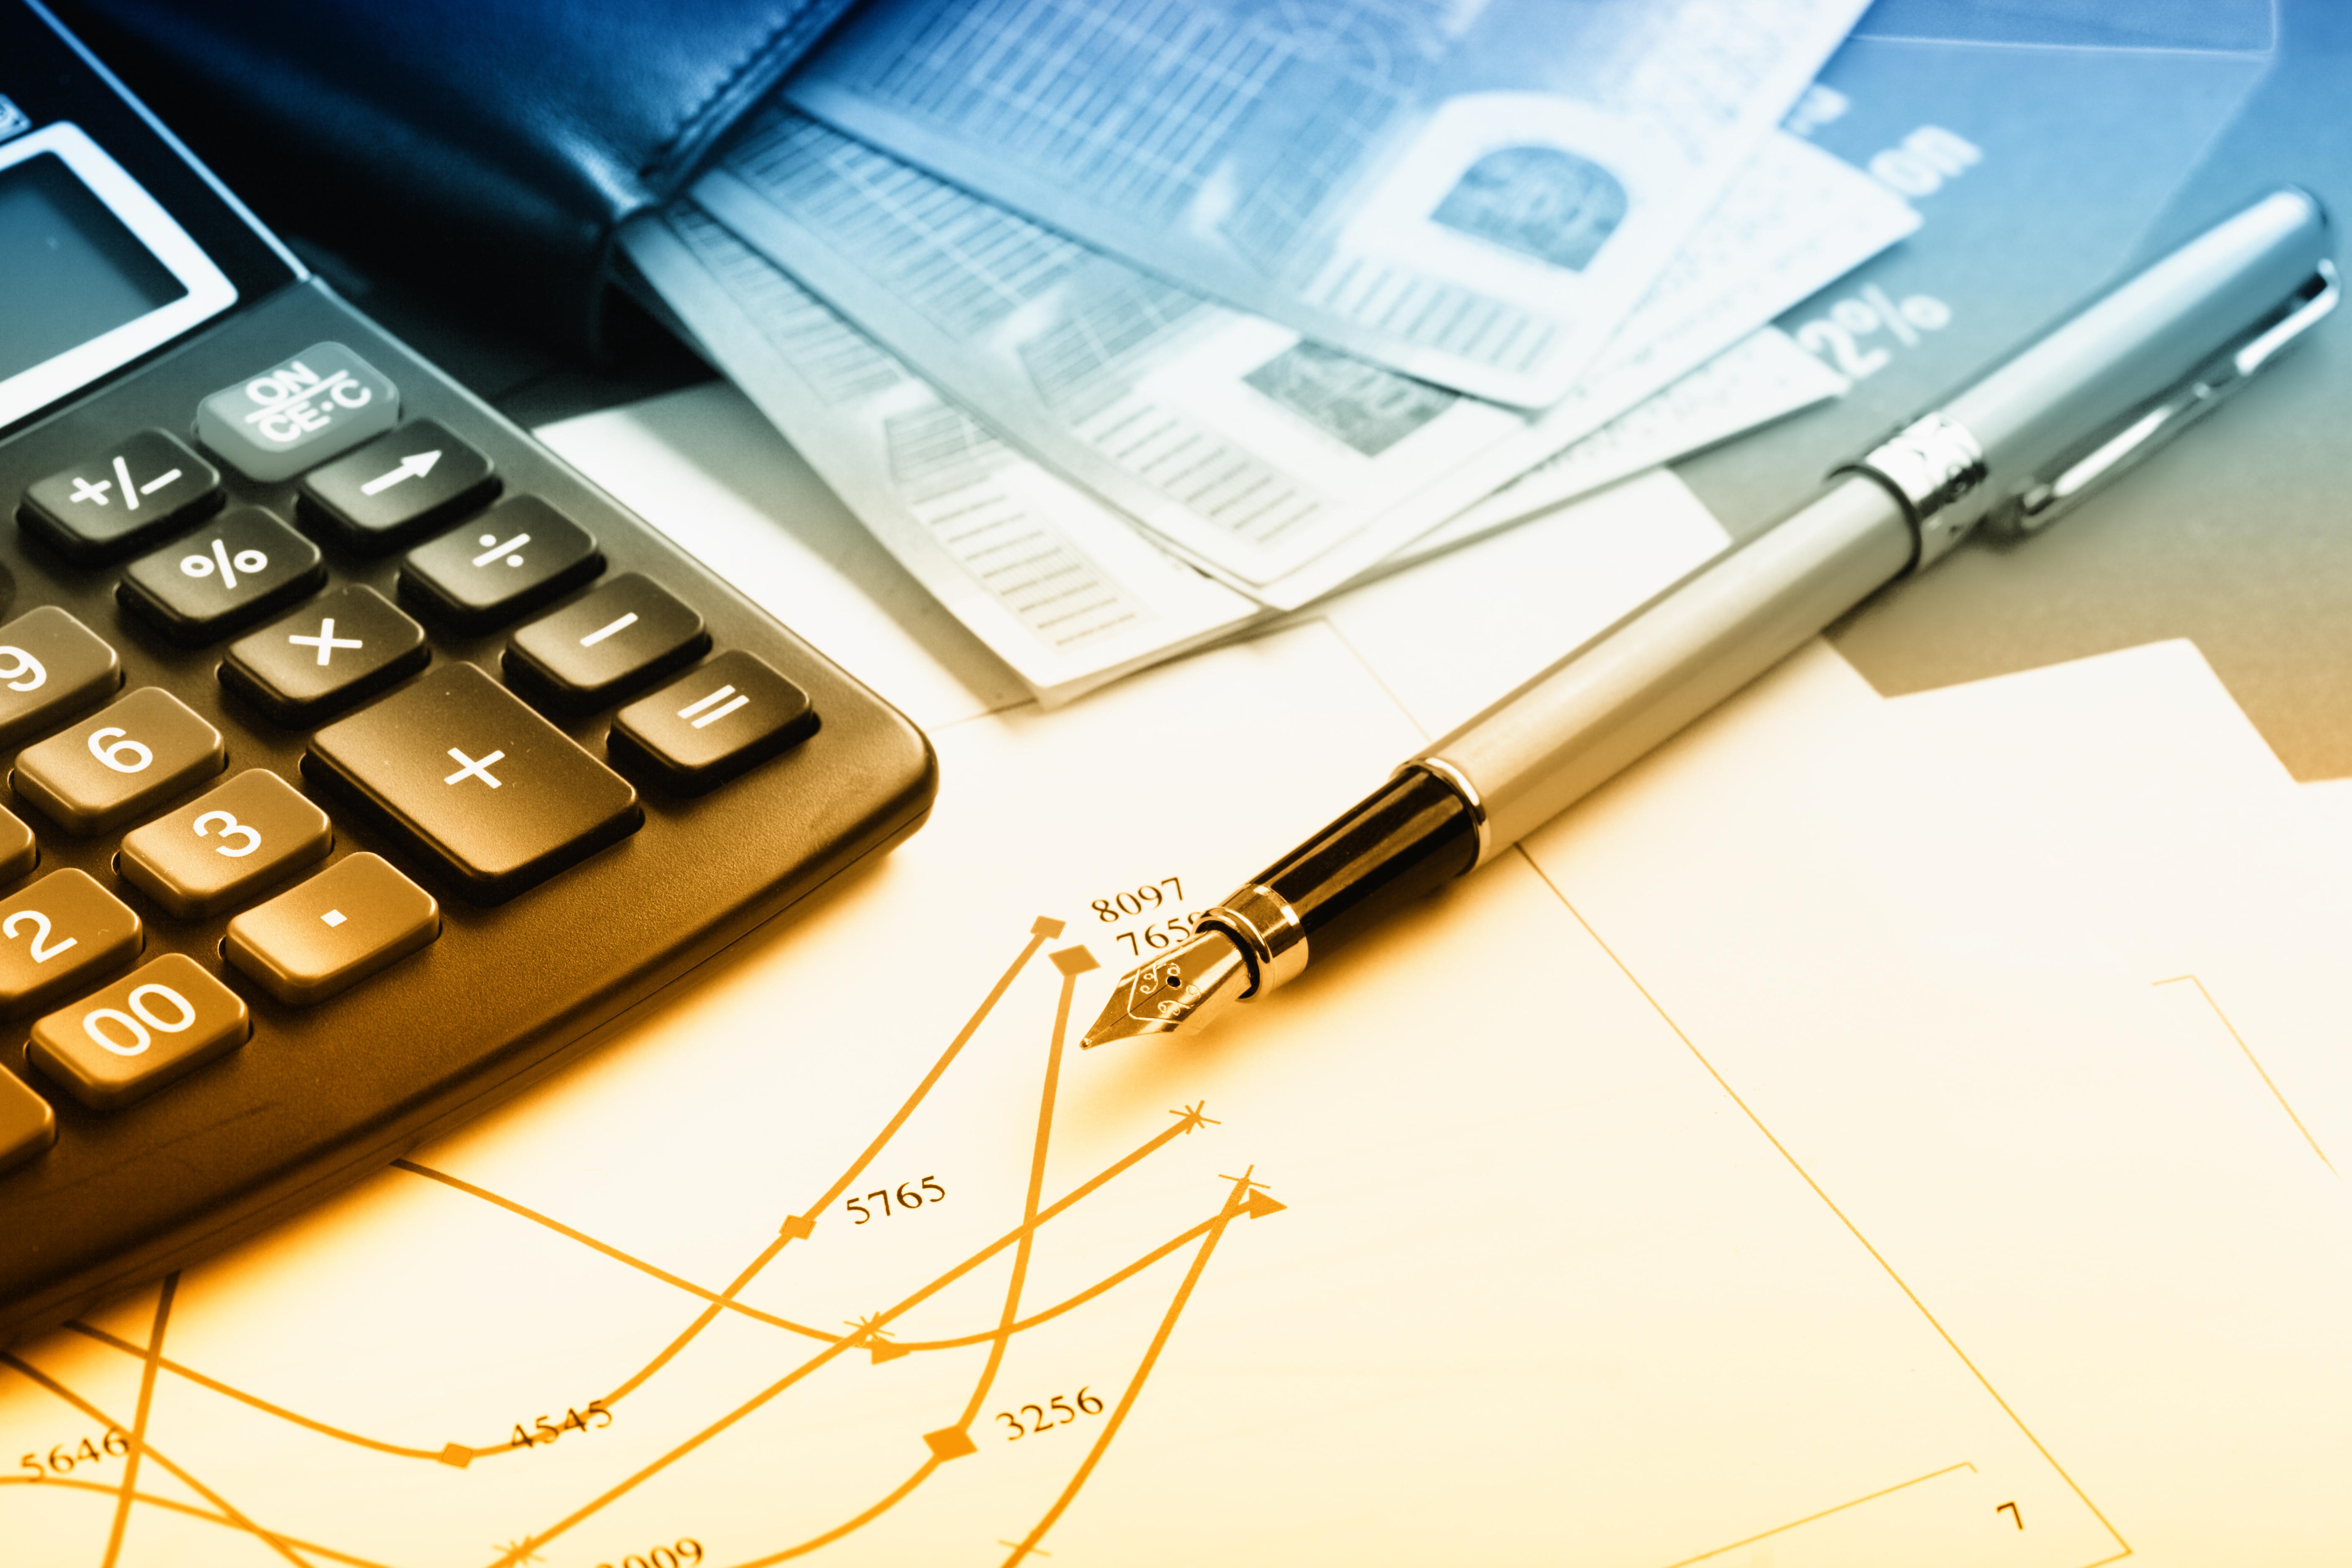 管理会计师的报名流程是什么样的